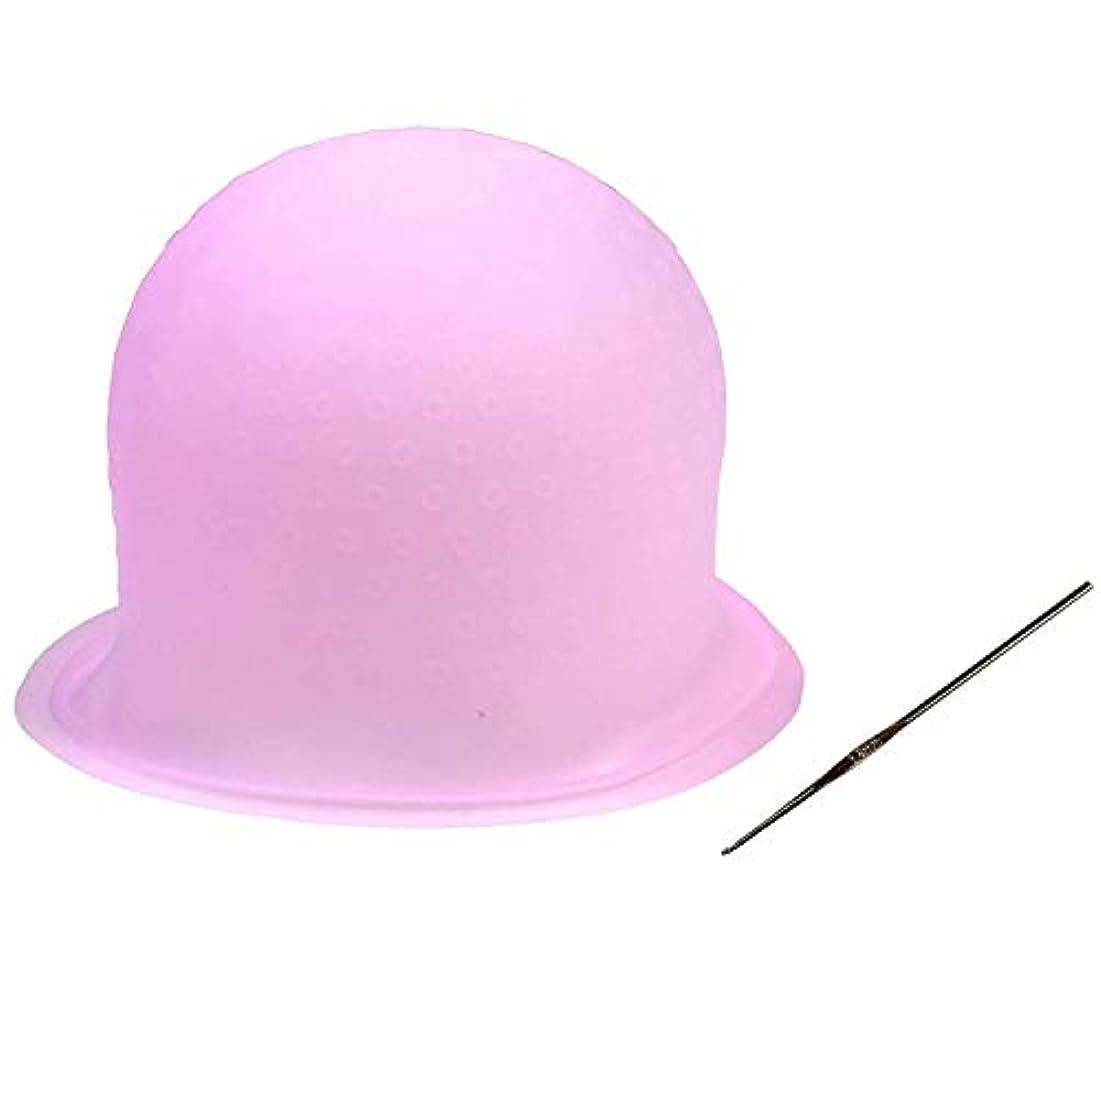 大きさ臨検平日毛染めキャップ 洗って使える ヘアカラー メッシュ シリコン ヘア キャップ(かぎ針付き) 再利用可能 染め専用 ボンネット 部分染め 自宅 DIY (ピンク)